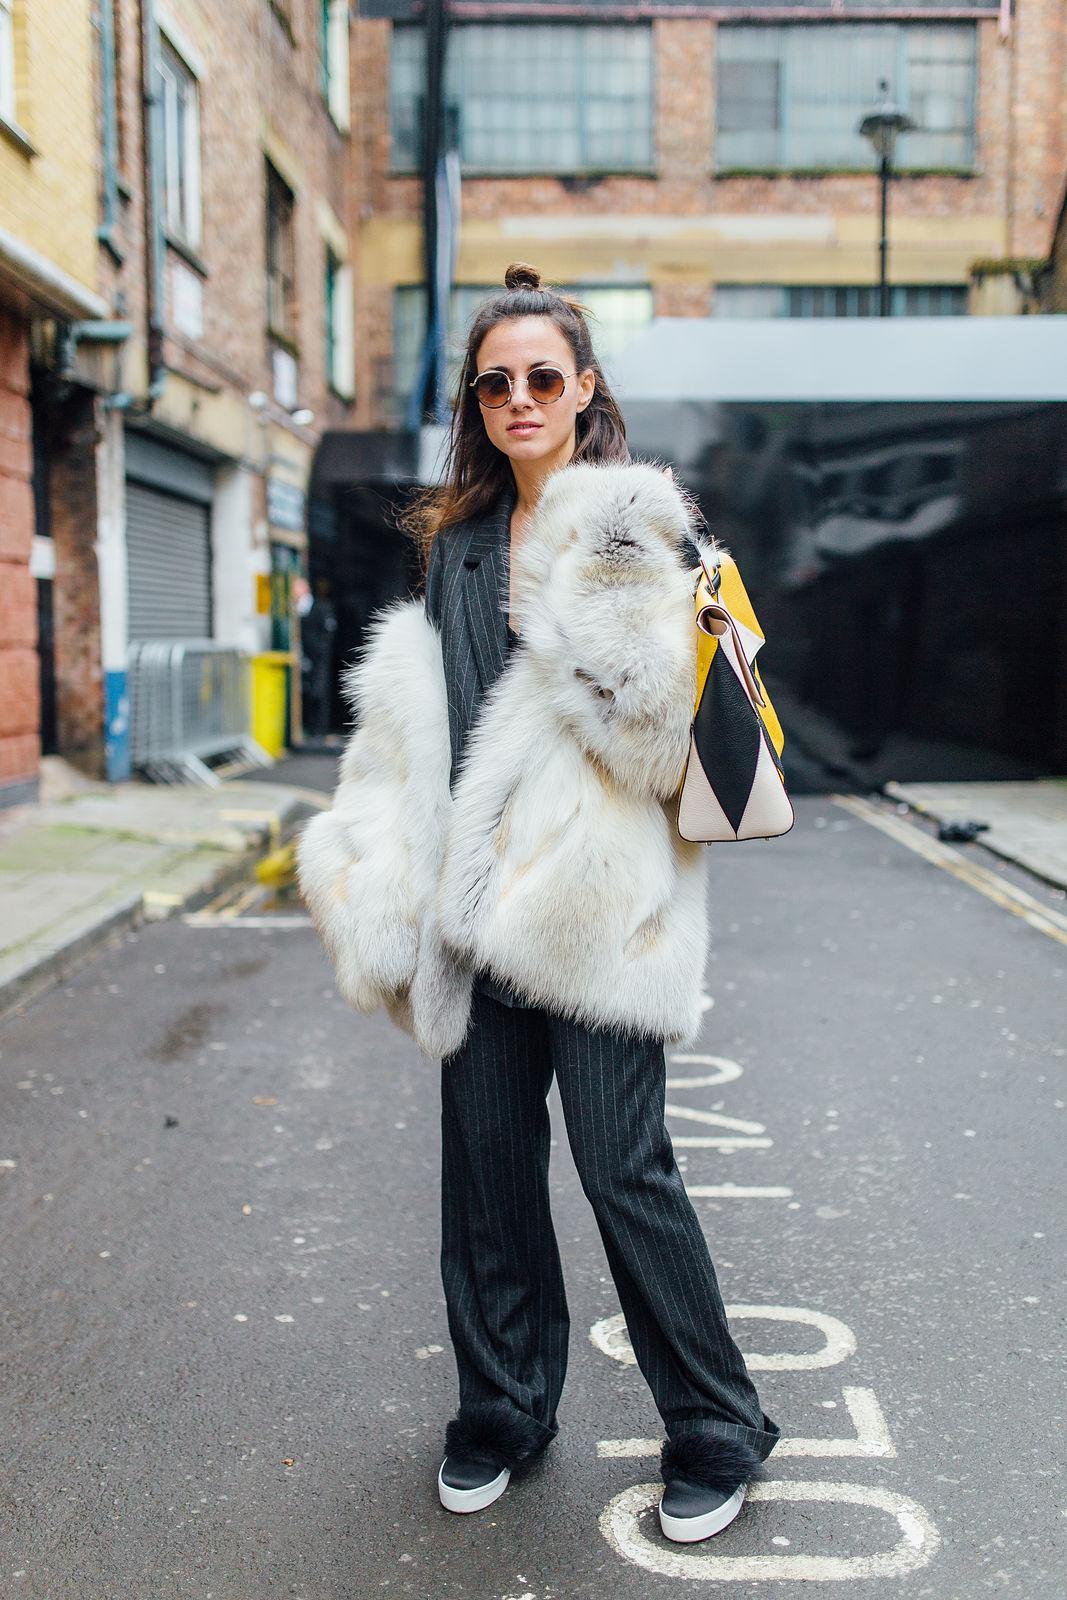 Zina, FashionVibe